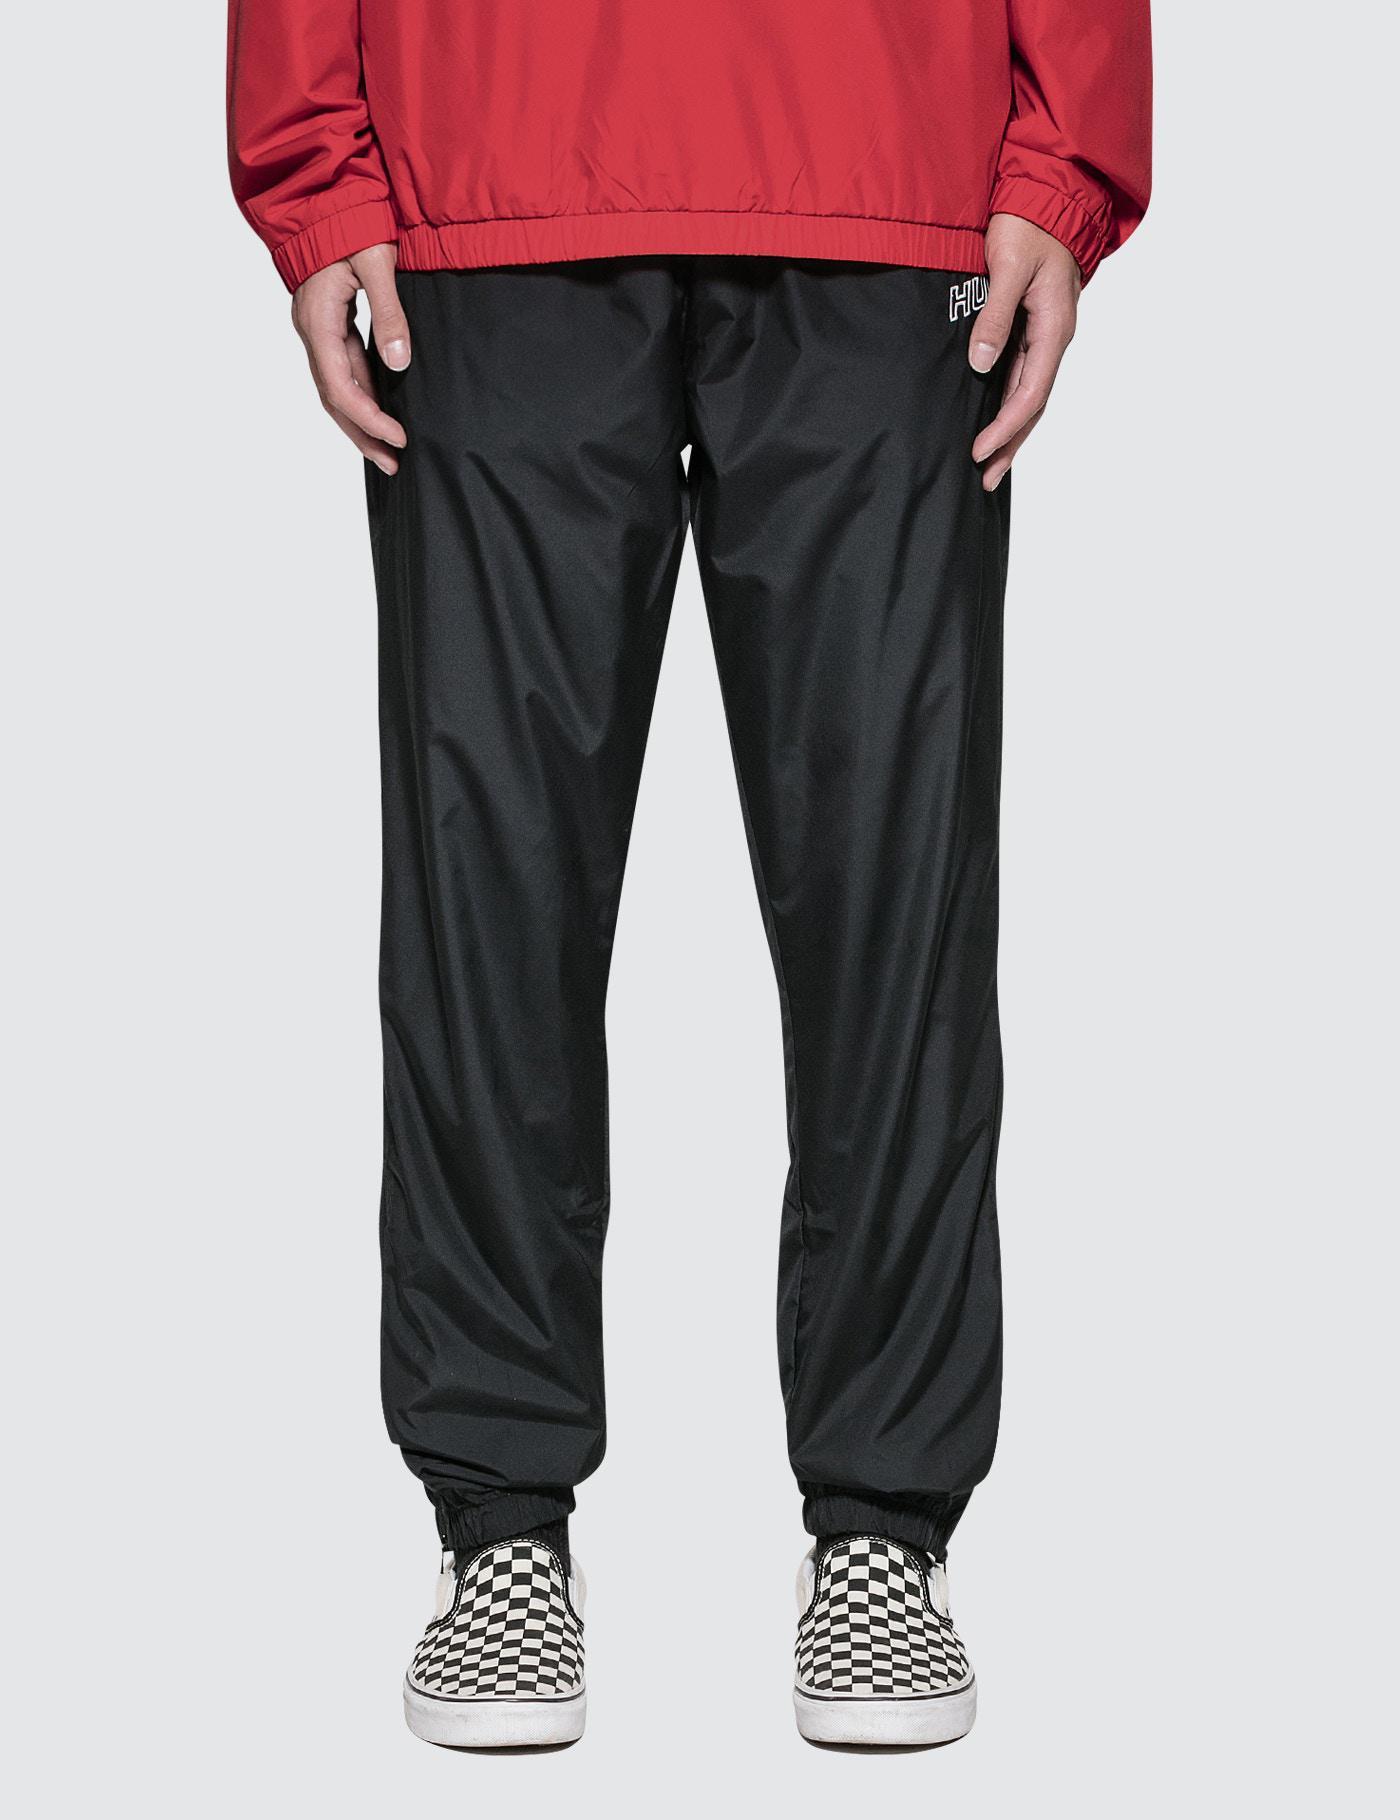 Huf Stadium Track Pants In Black For Men Lyst